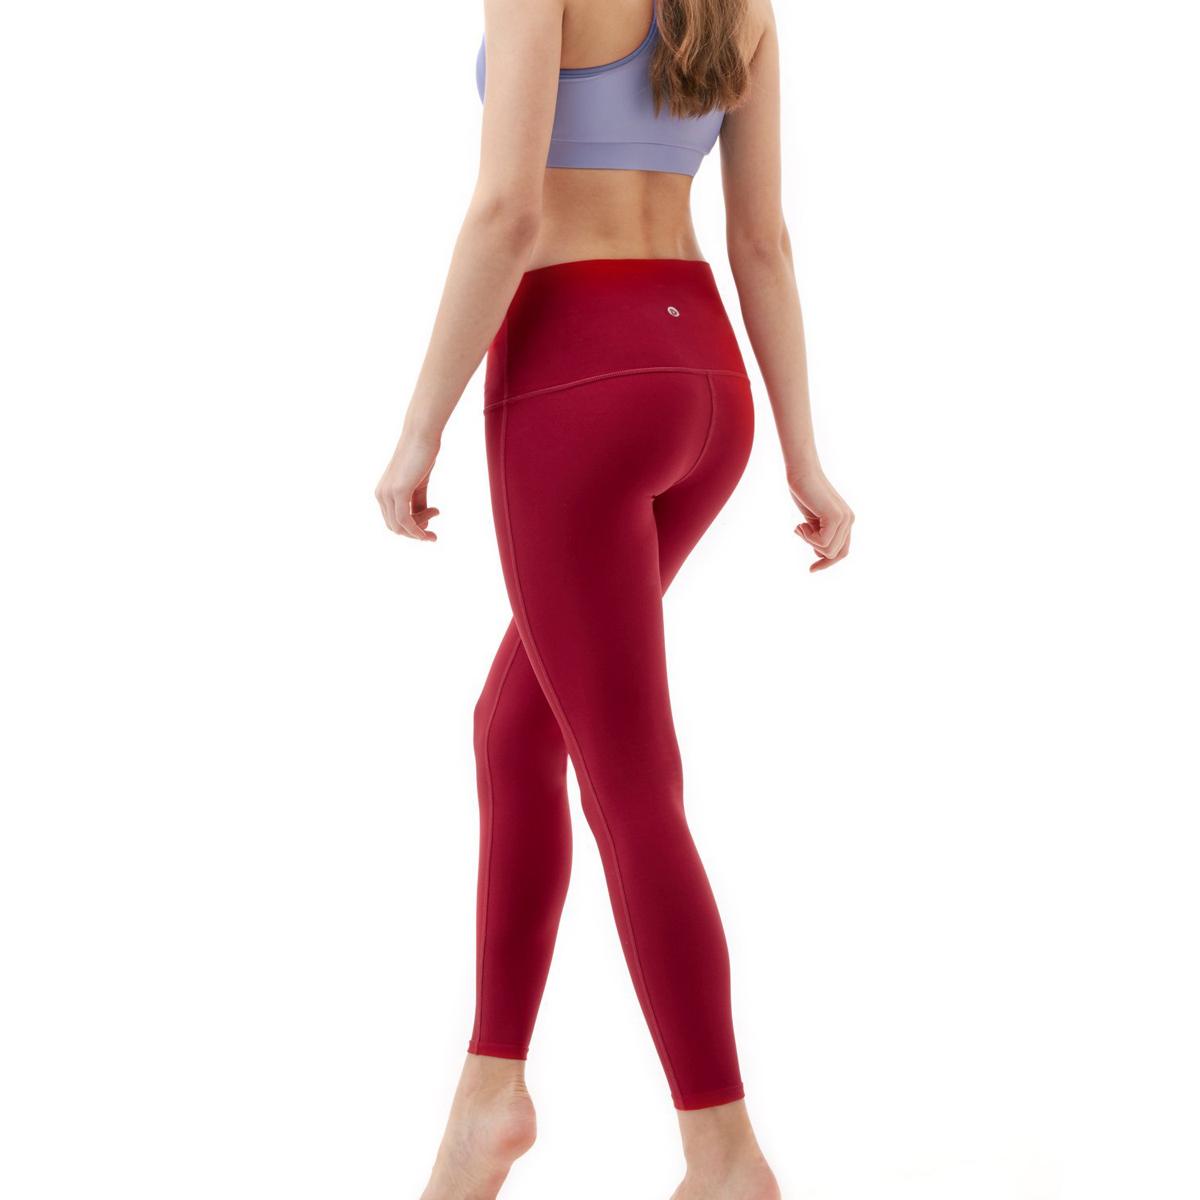 93a3b7e60cc2 Tesla FYP42 Women s High-Waisted Ultra-Stretch Tummy Control Yoga ...